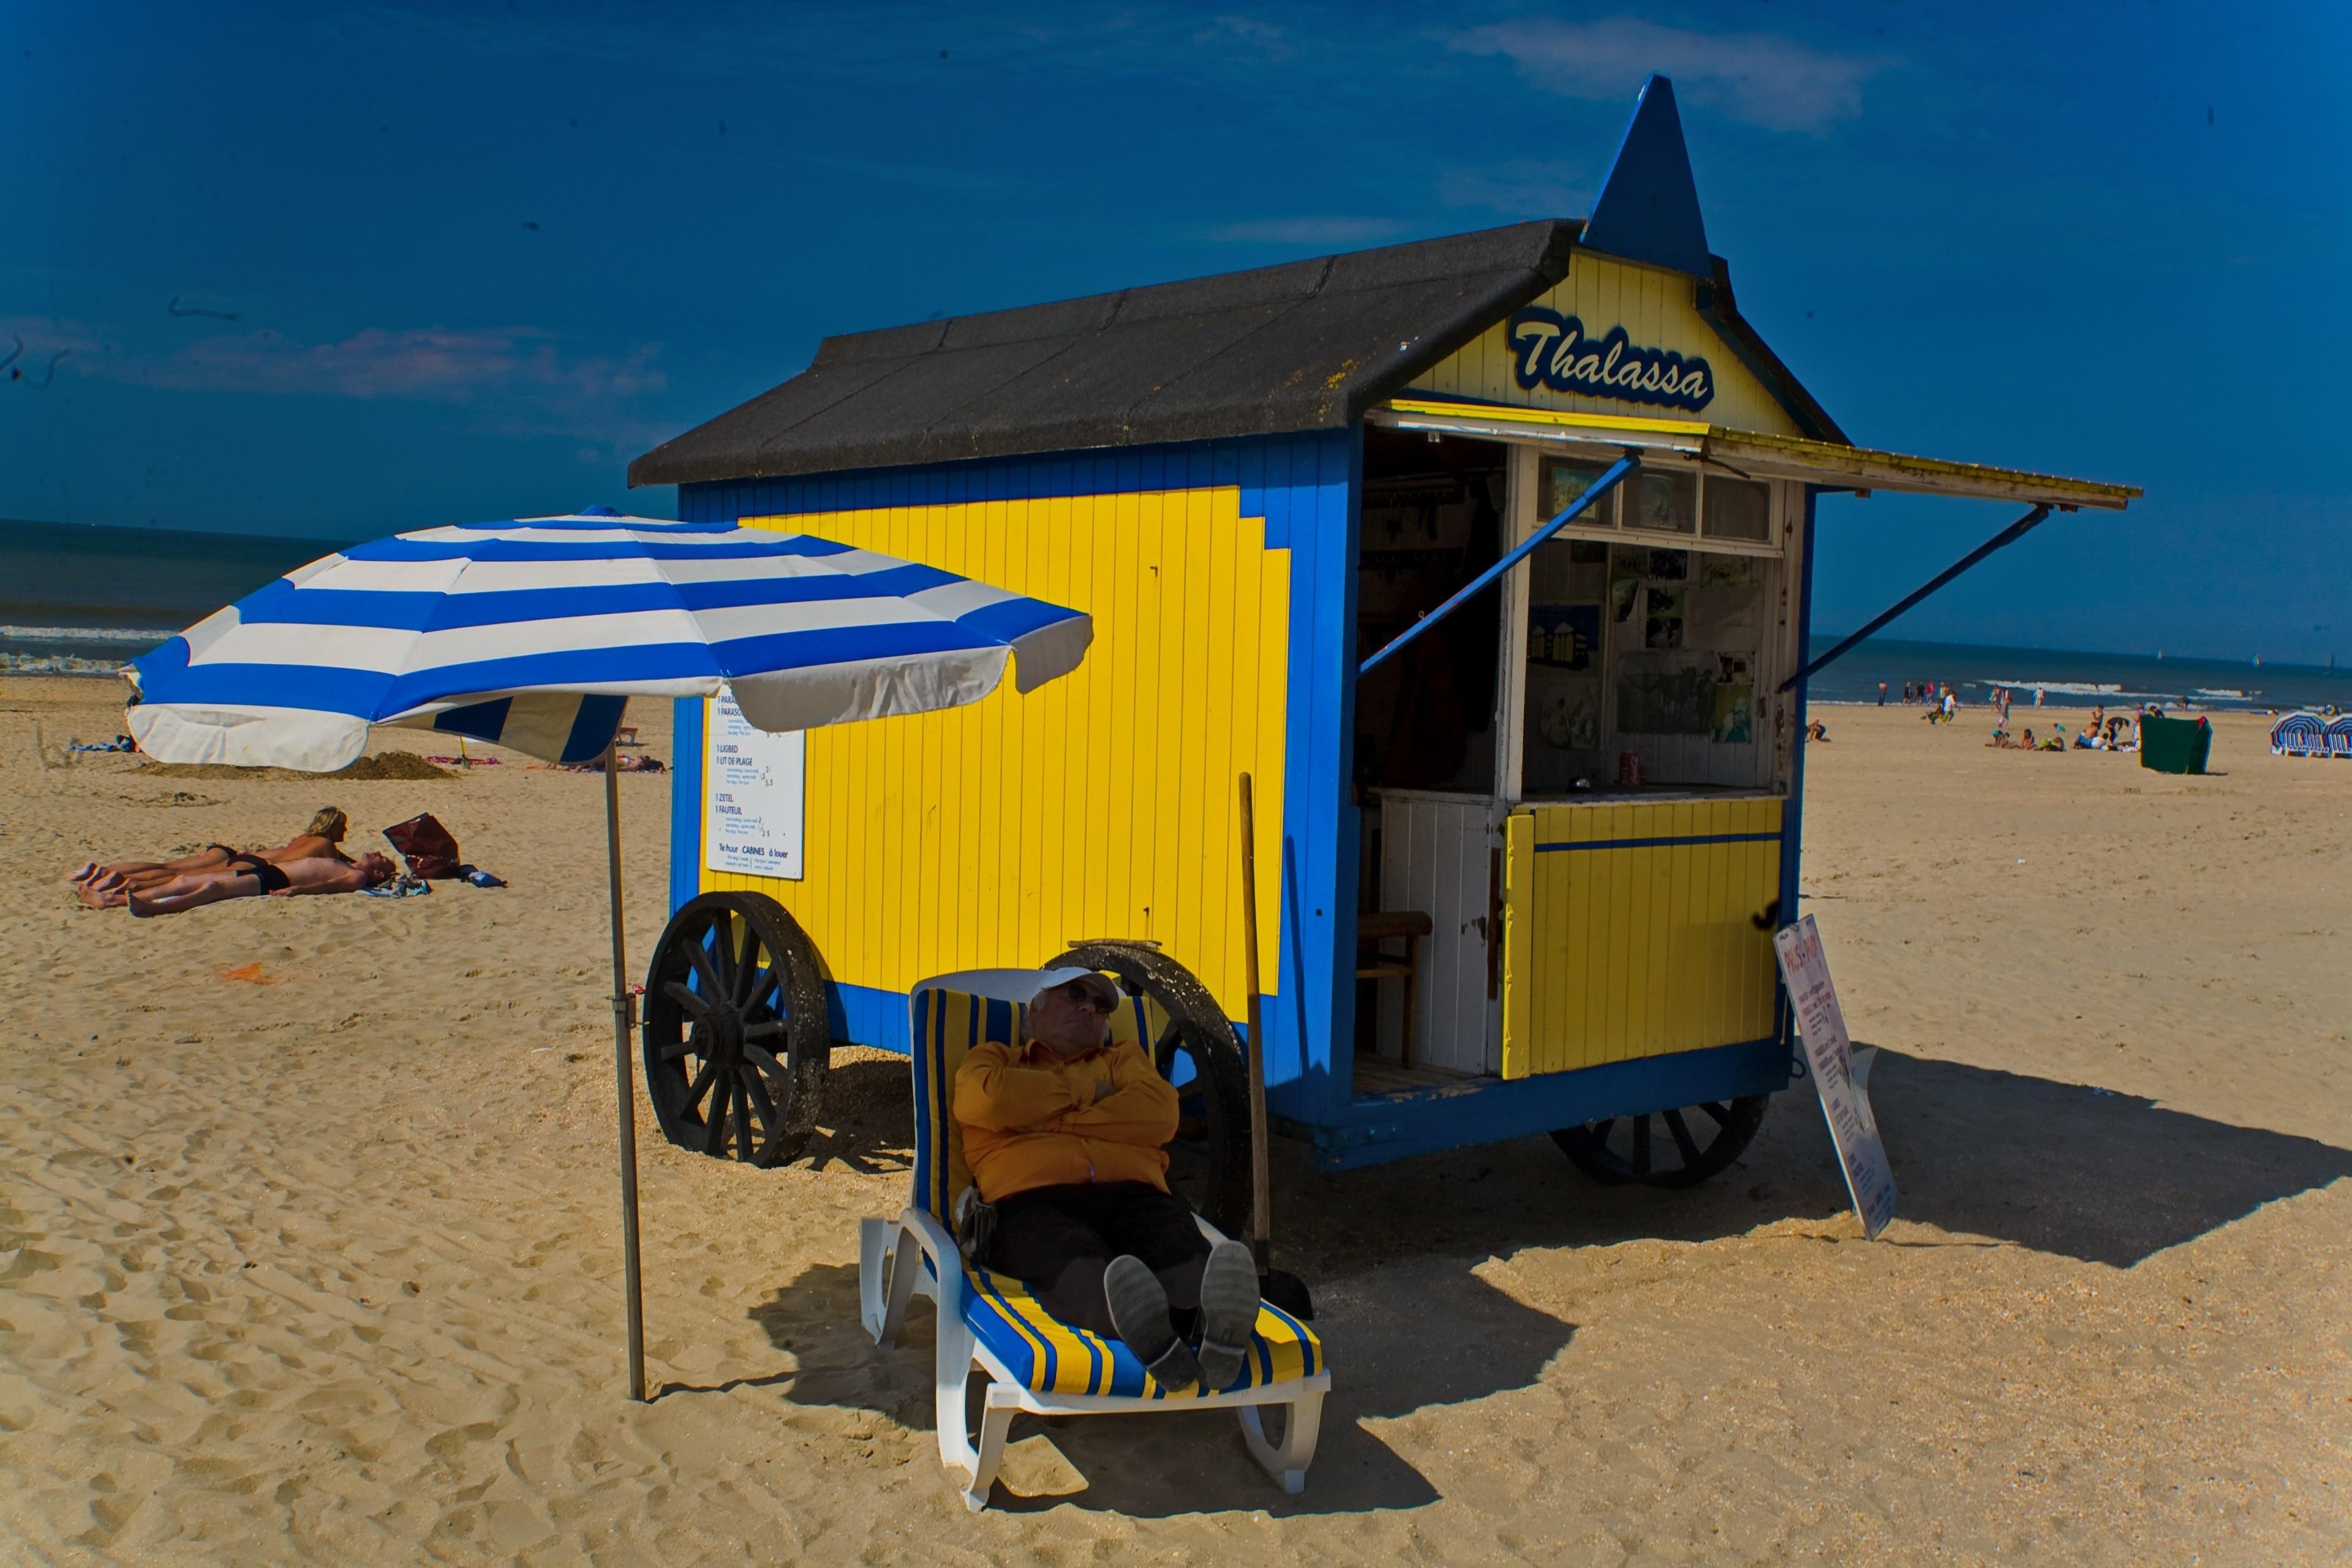 De Panne Beach, De Panne, Flemish Region, Belgium